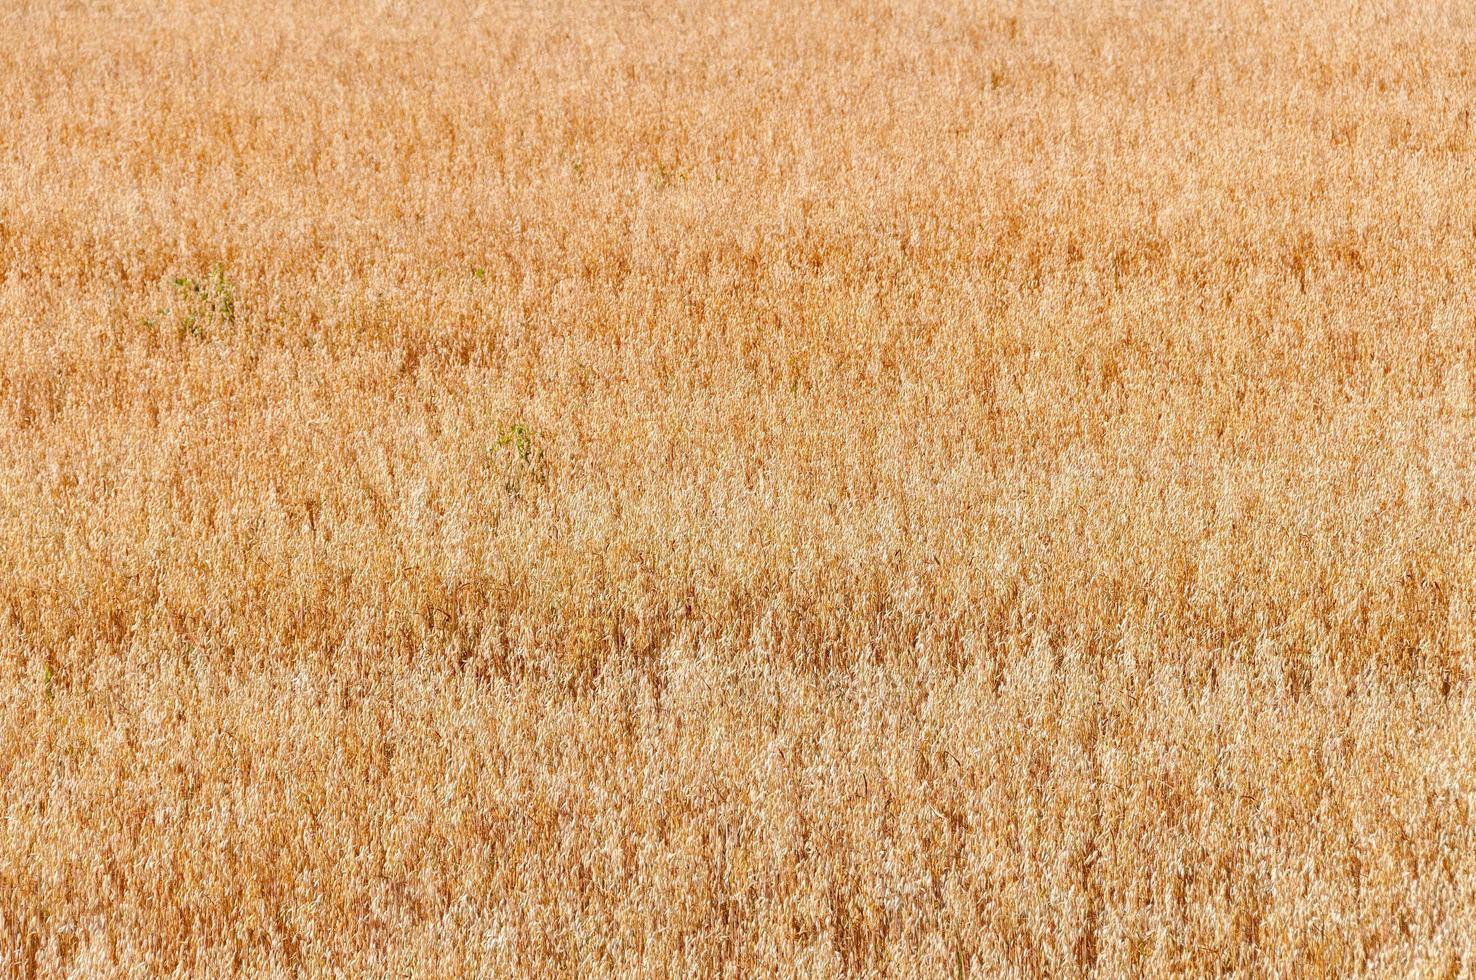 Oreilles d'avoine mûres dorées sur champ agricole prêt pour la récolte photo